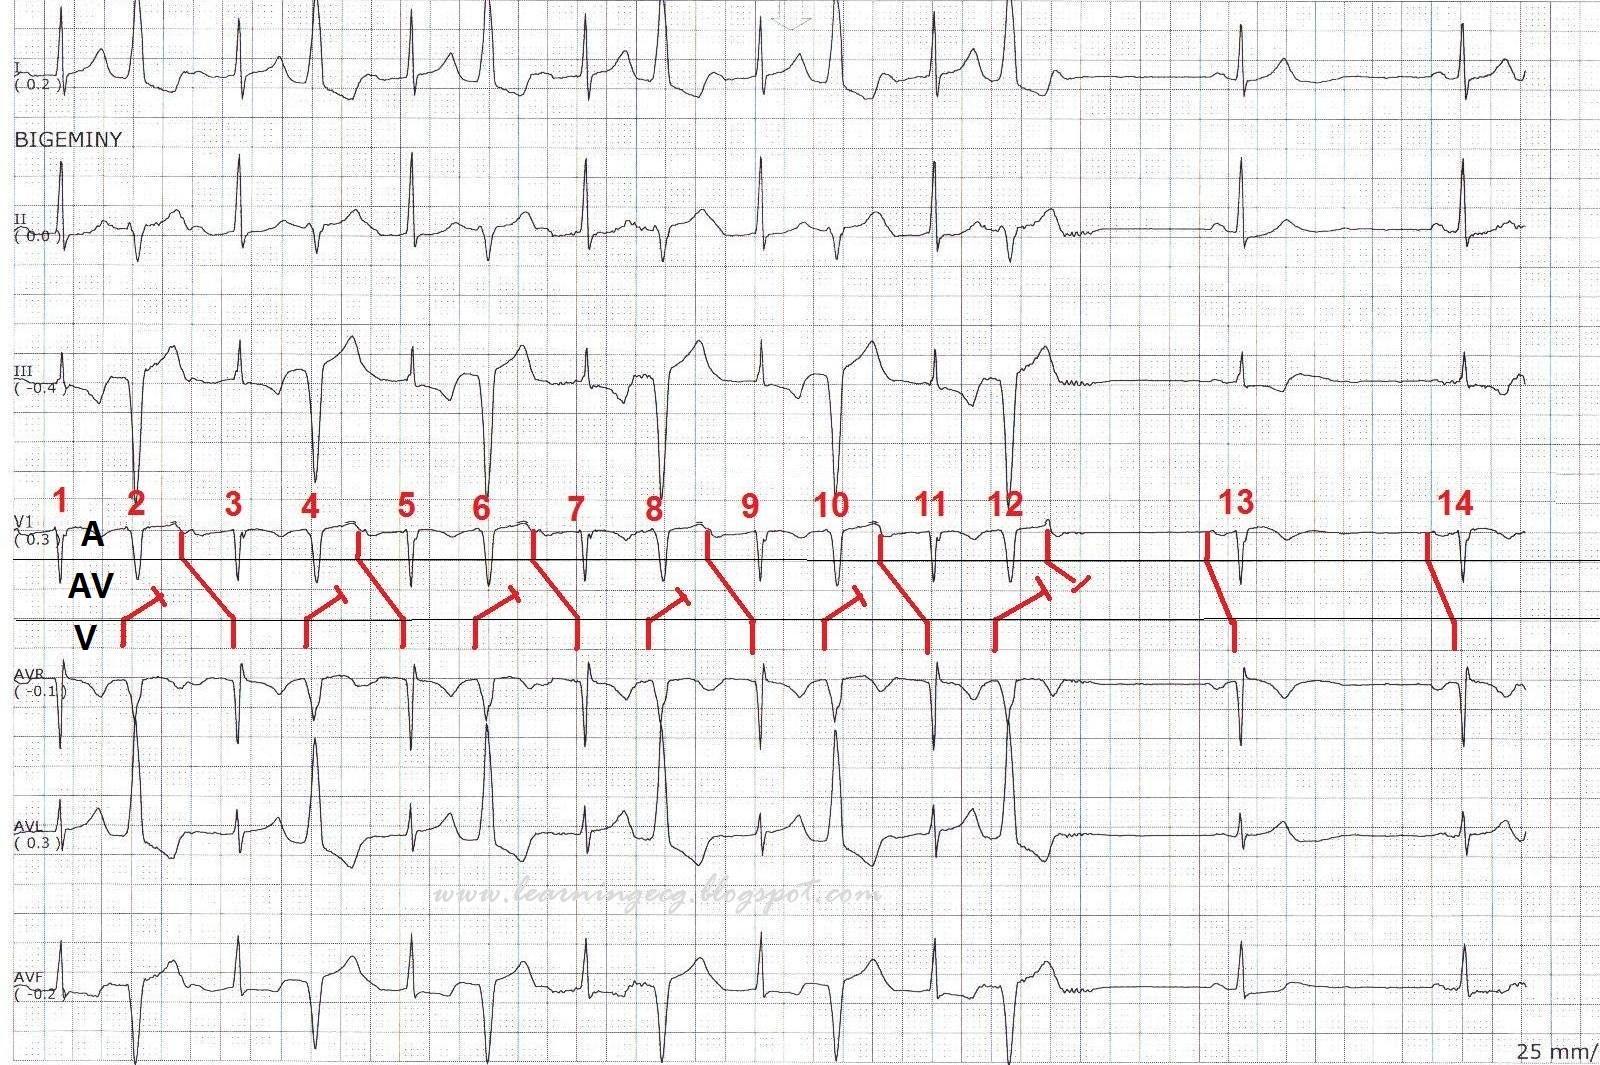 ecg rhythms  prolonged pr interval due to concealed ventriculoatrial  va  conduction